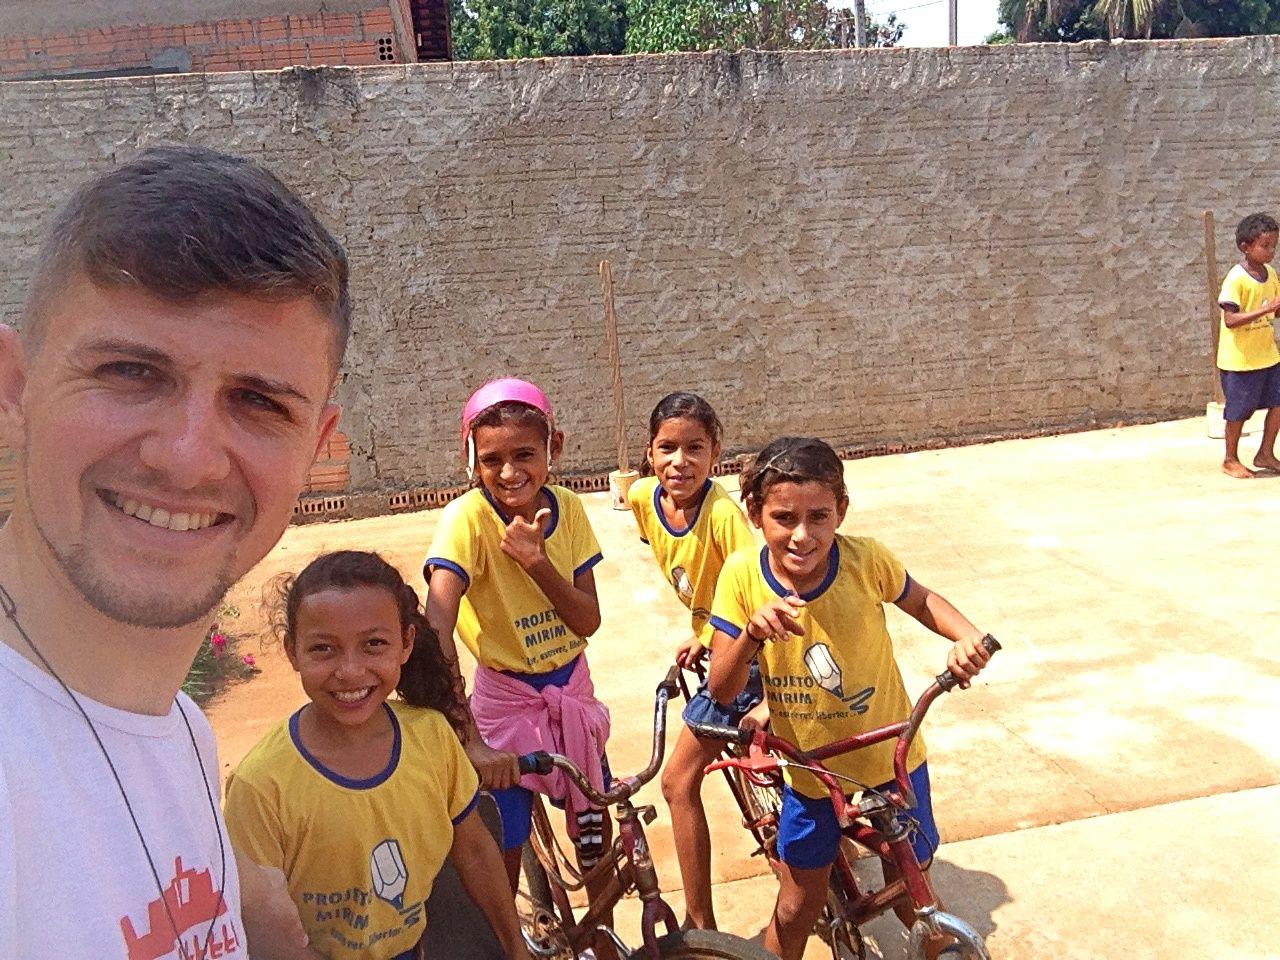 Le témoignage de Joseph Roiron, séminariste français au Brésil